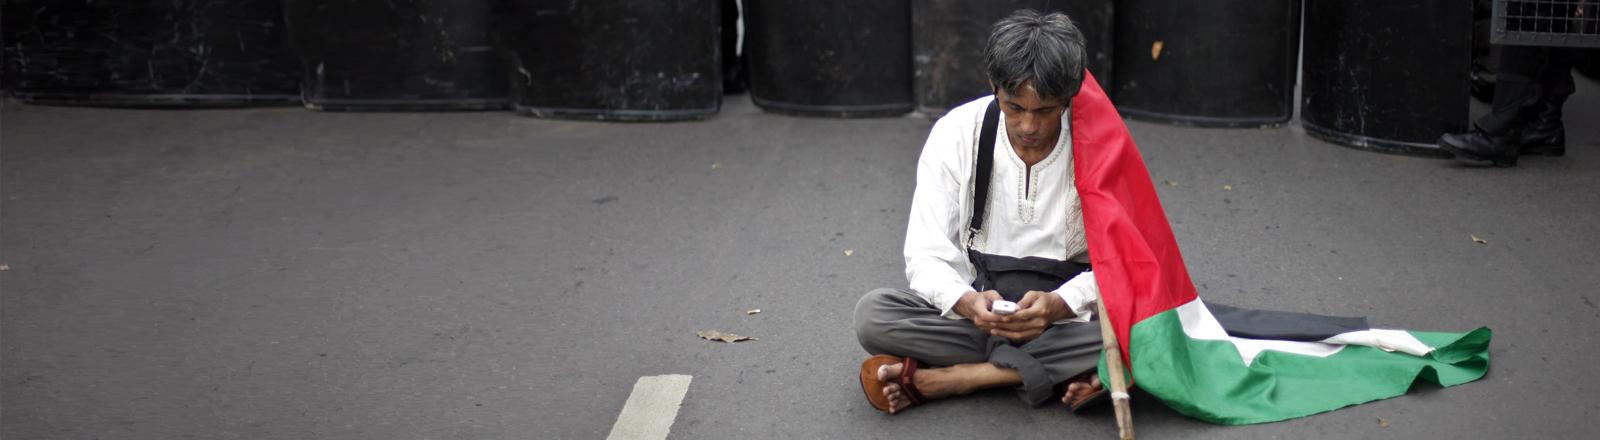 Ein Mann mit Palästinenserflagge sitzt auf dem Boden und schaut auf sein Handy.